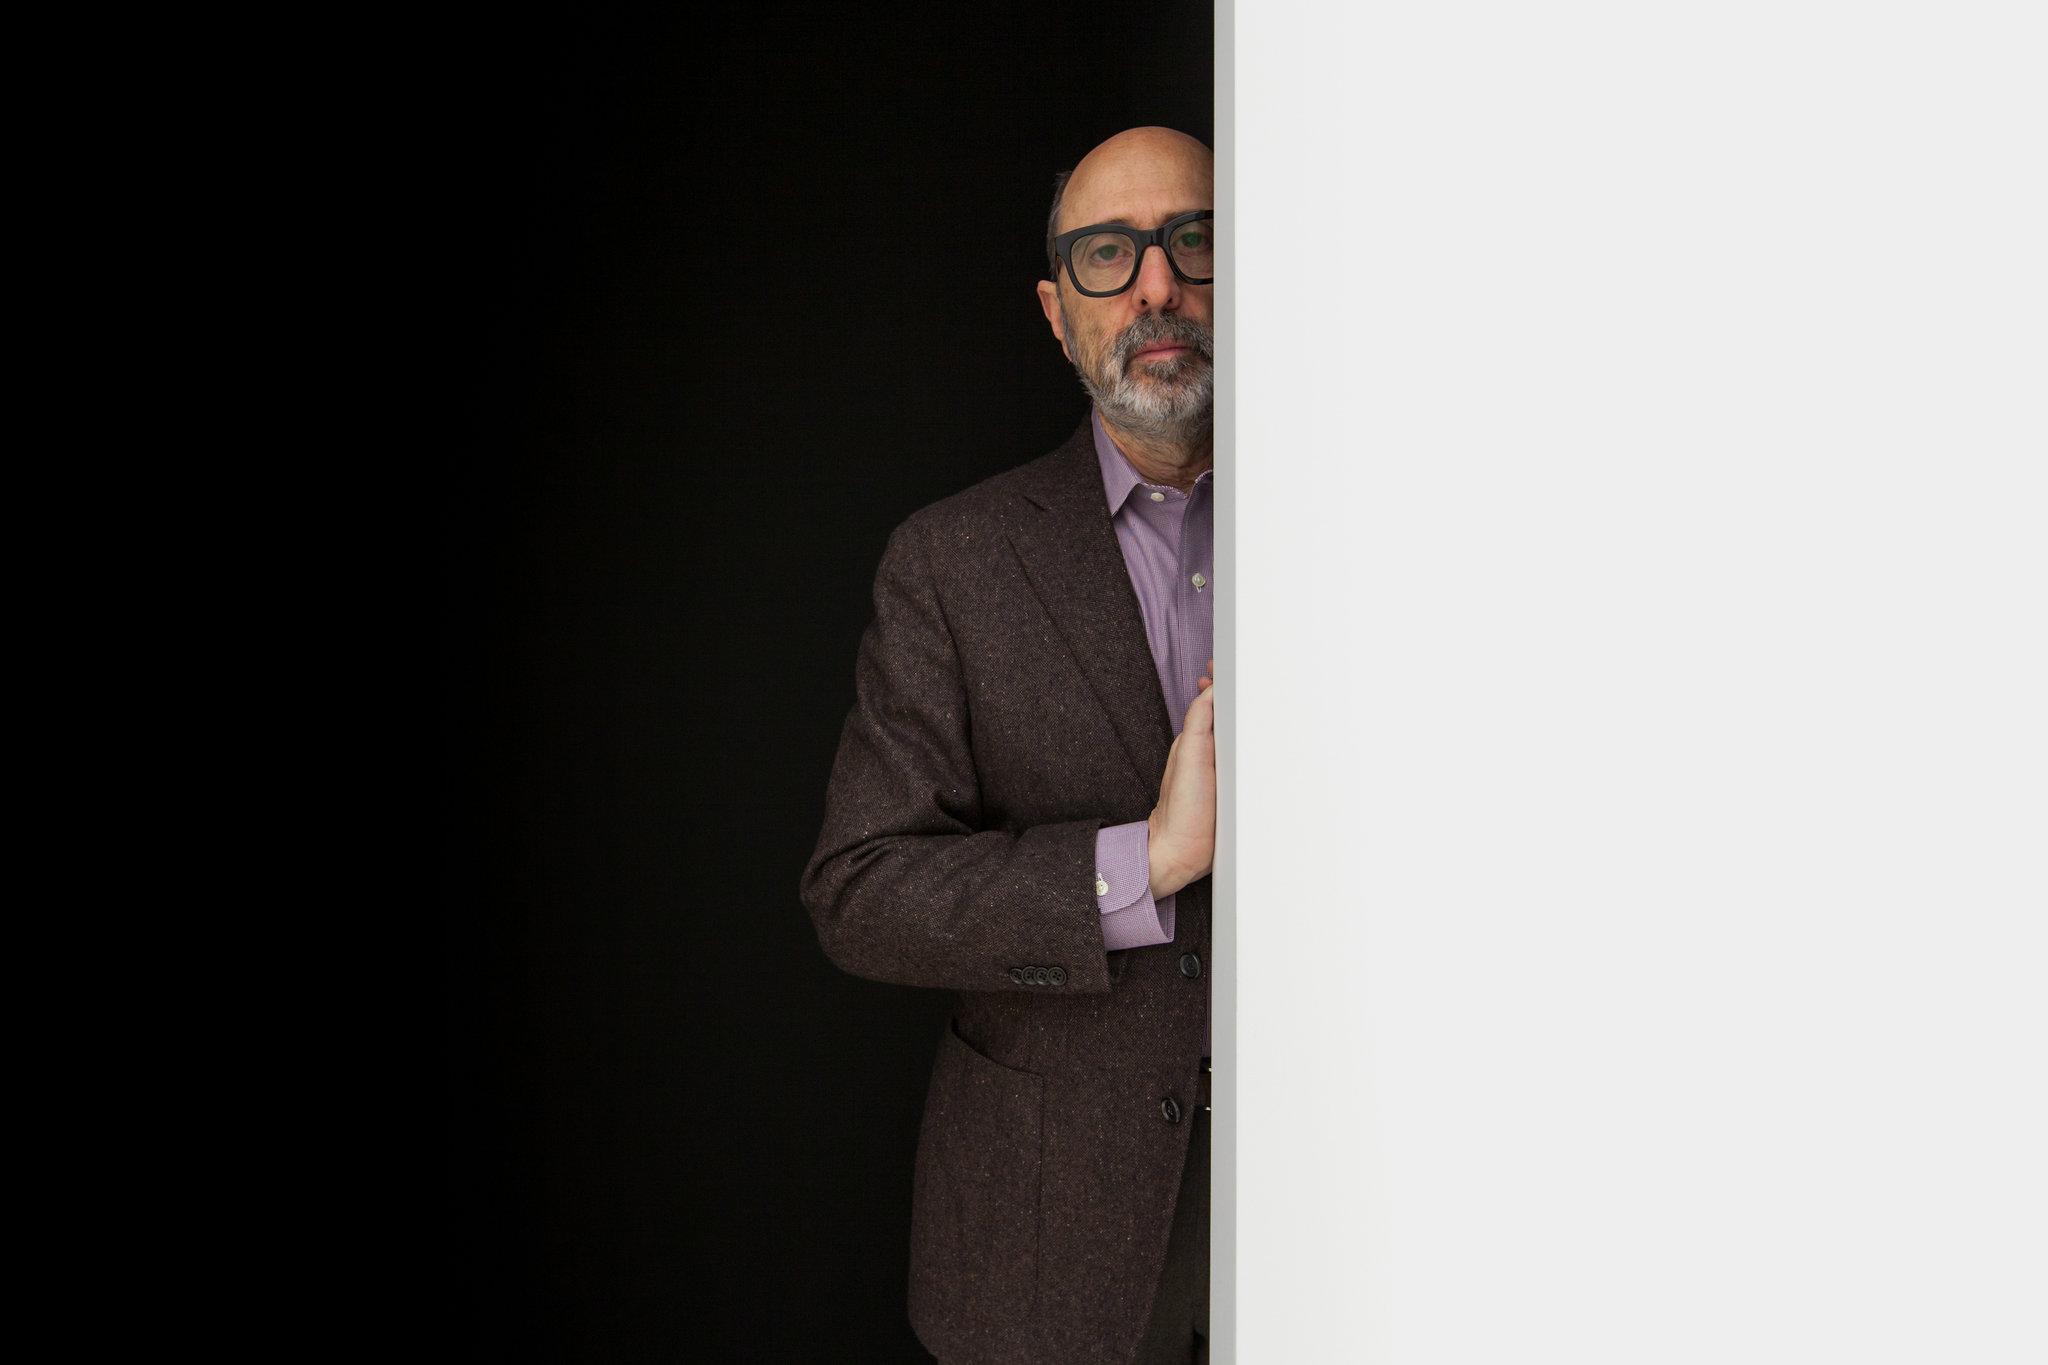 Architect Isay Weinfeld in TriBeCa, NY